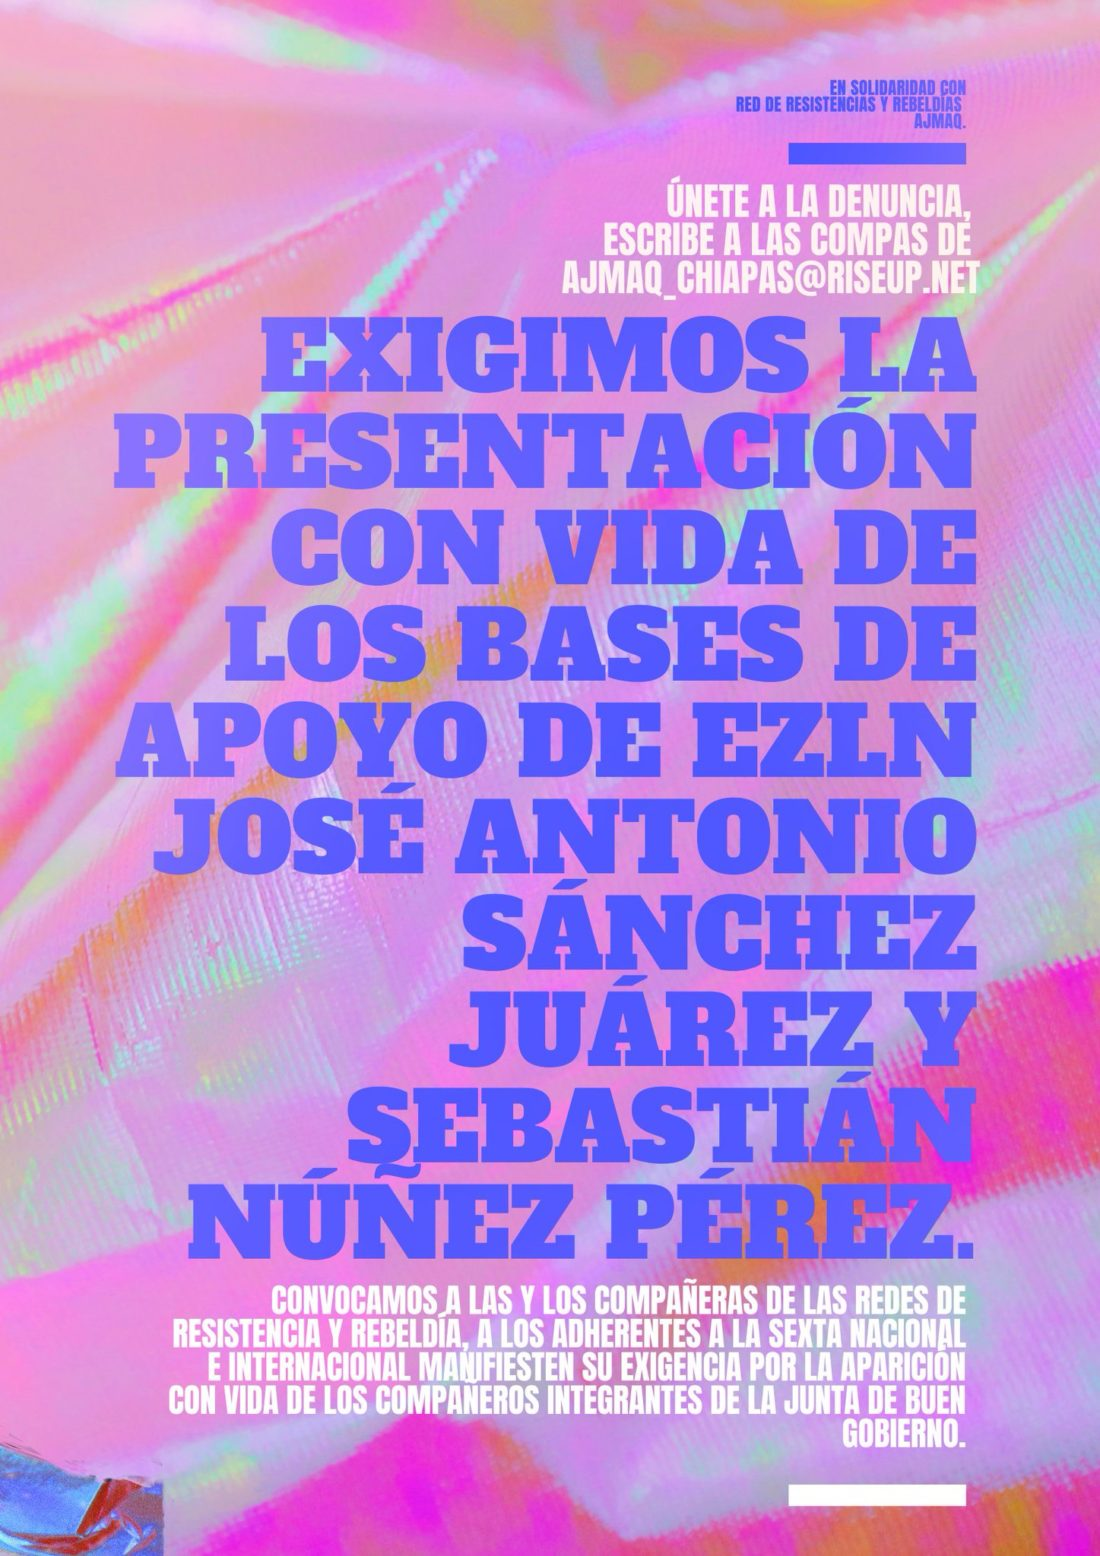 Presentación con vida de José Antonio Sánchez Juárez y Sebastián Núñez Pérez, bases de apoyo del EZLN (México)